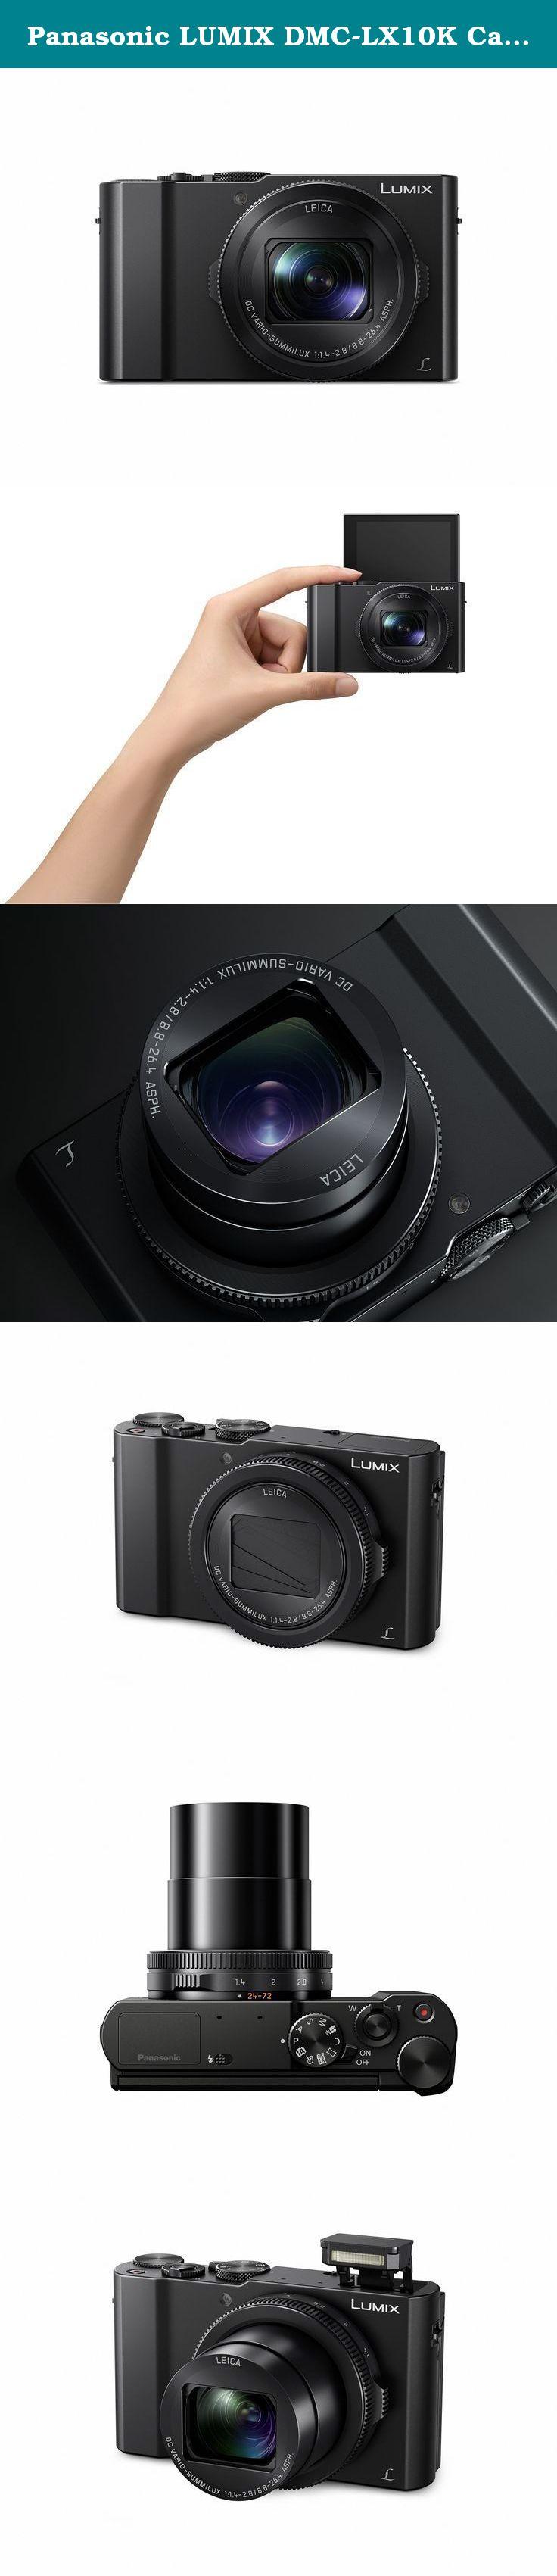 Panasonic Lumix Dmc Lx10k Camera 201 Megapixel 1 Sensor 3x 24 Lx10 Digital Black 72mm F 14 28 Leica Dc Lens Inside The Super Compact Beats